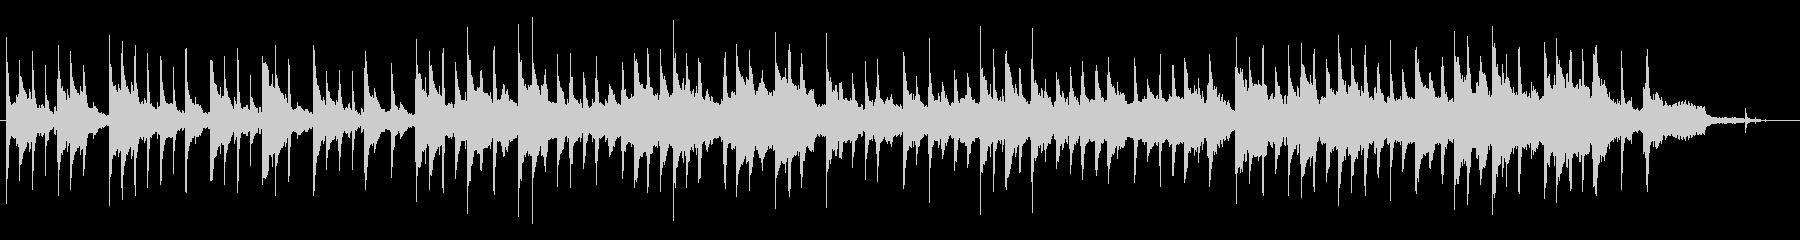 時計の音とフェルトピアノの優しいバラードの未再生の波形